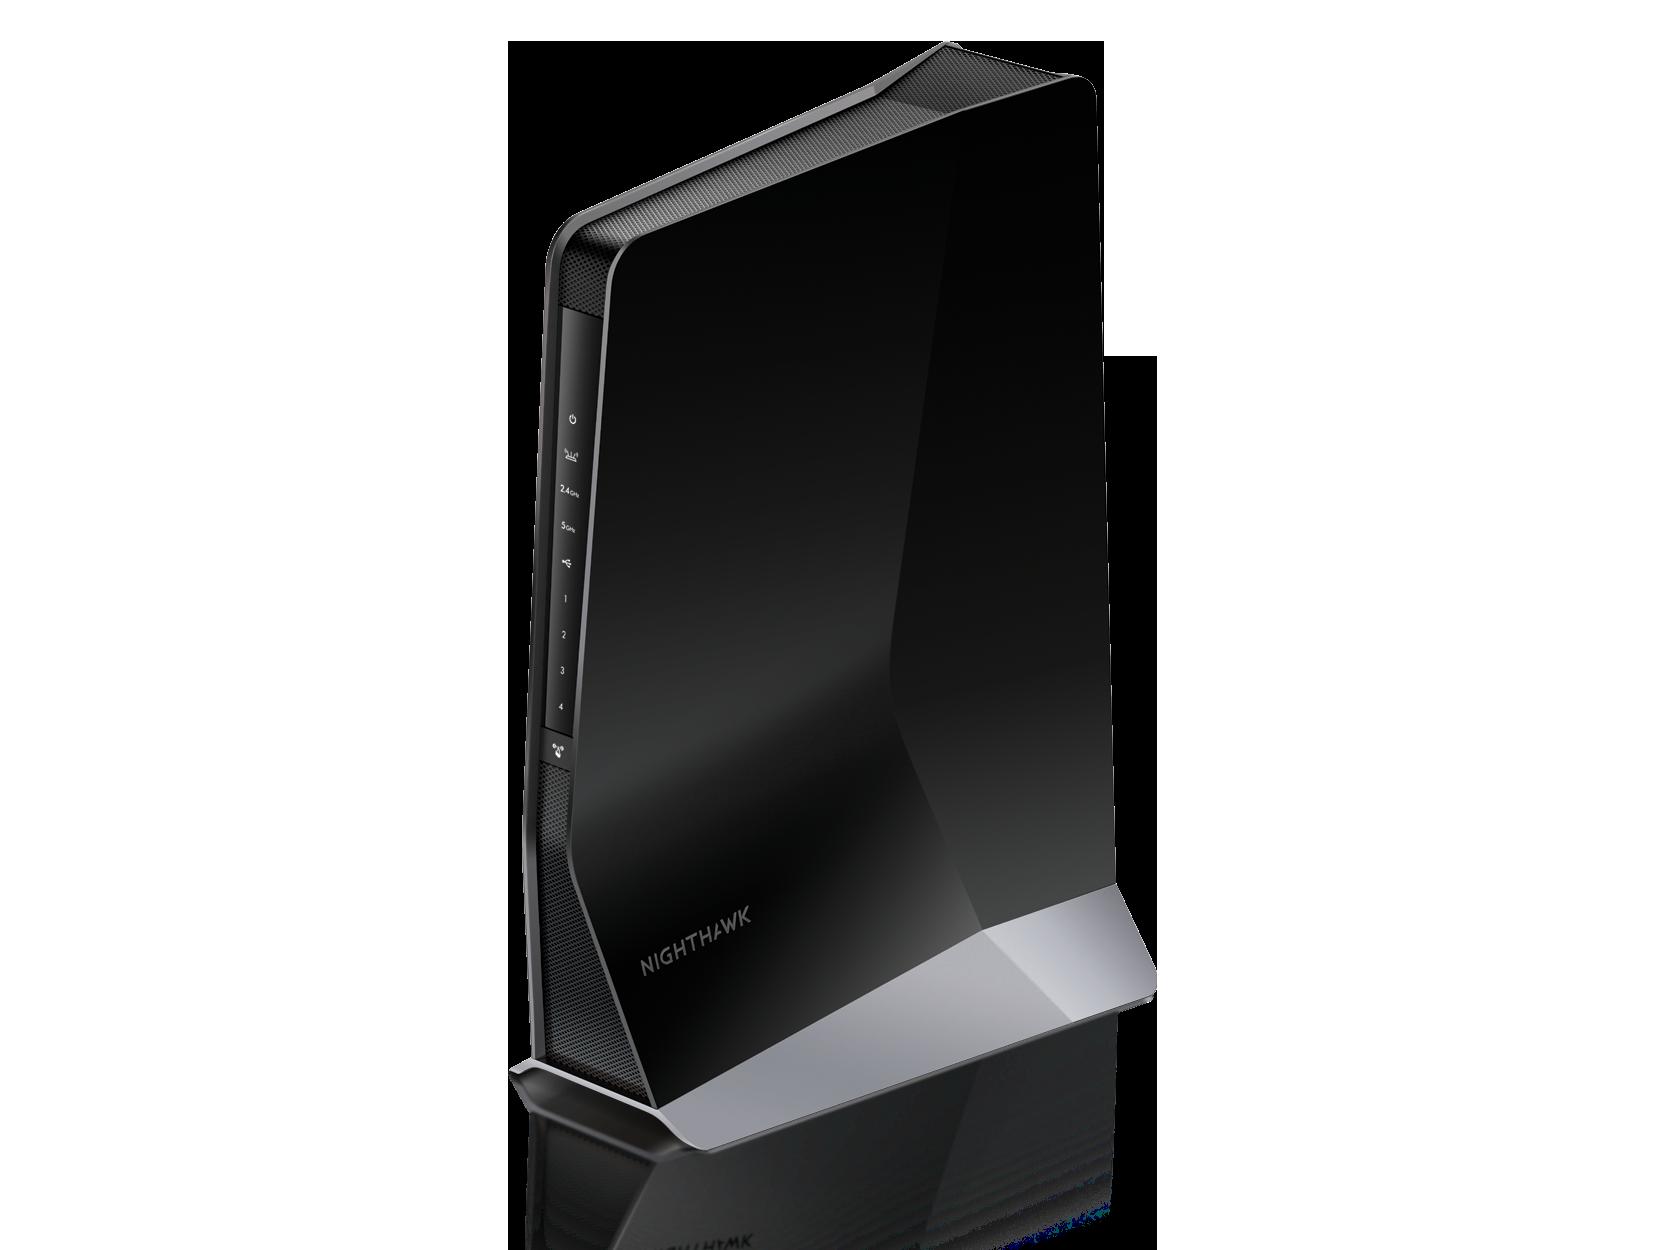 ネットギアジャパン「Nighthawk AX6000 WiFi 6 メッシュエクステンダー EAX80(EAX80-100JPS)」